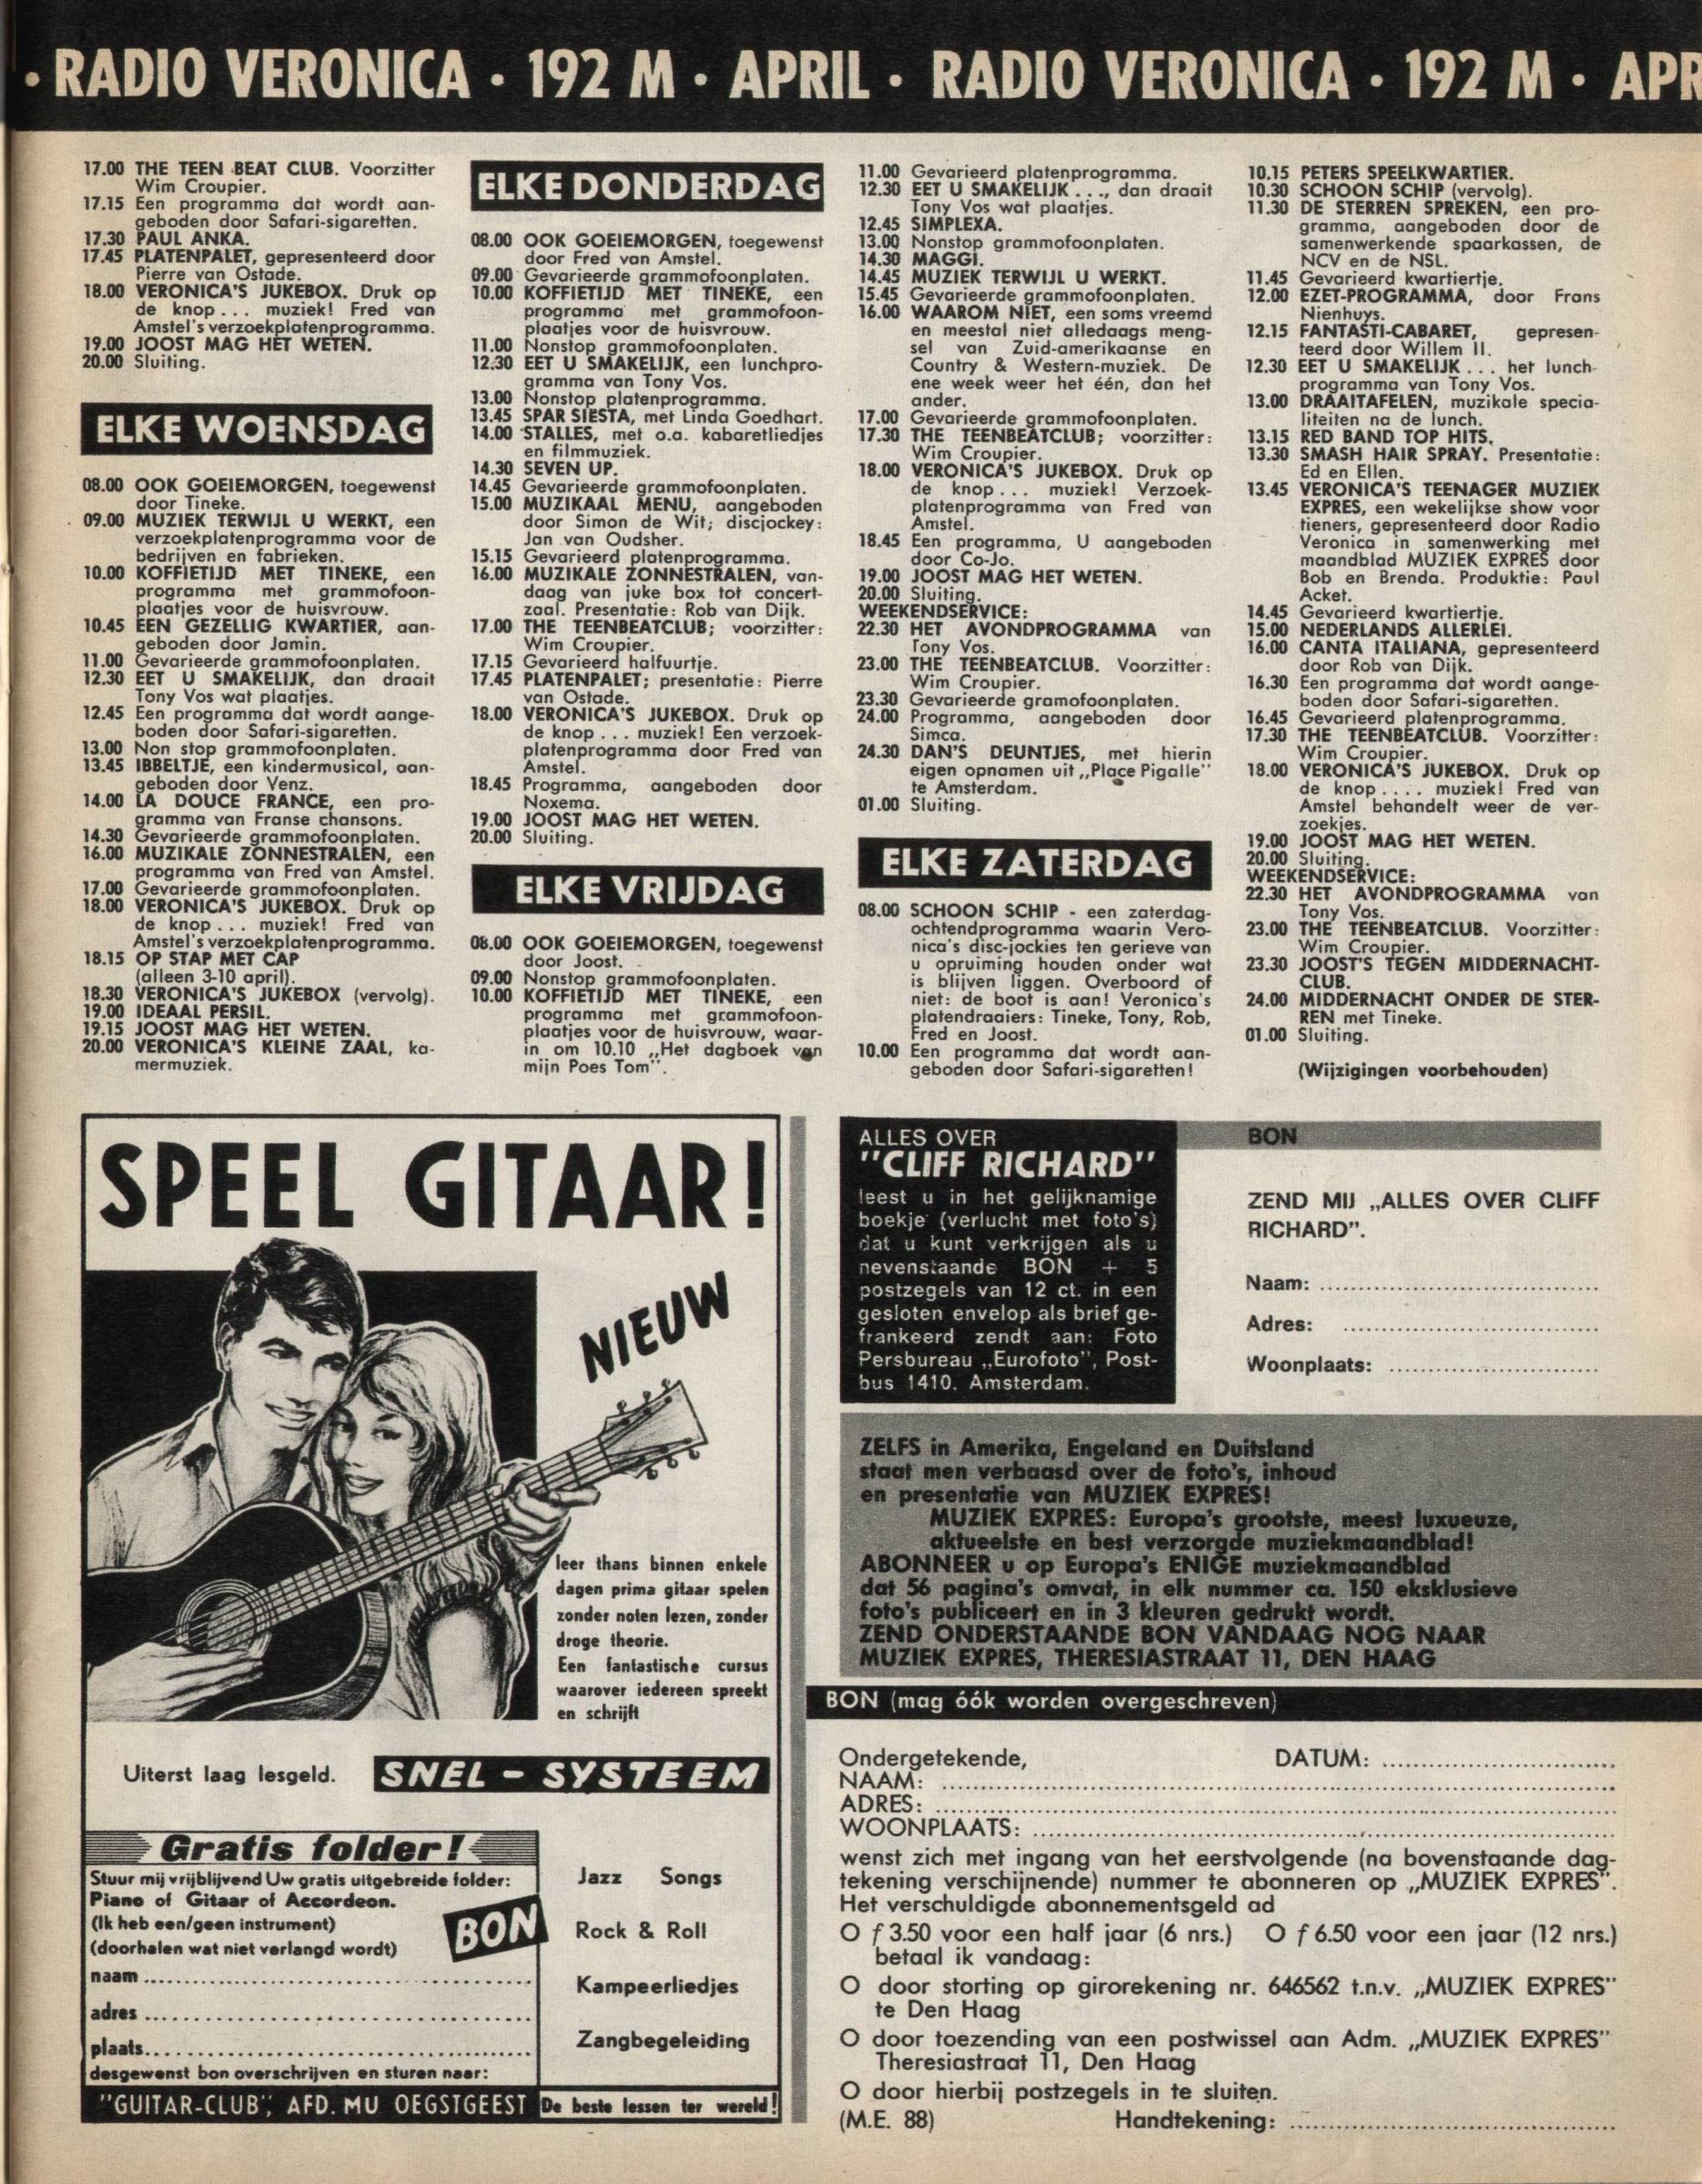 MuziekExpres-196304-2.jpg